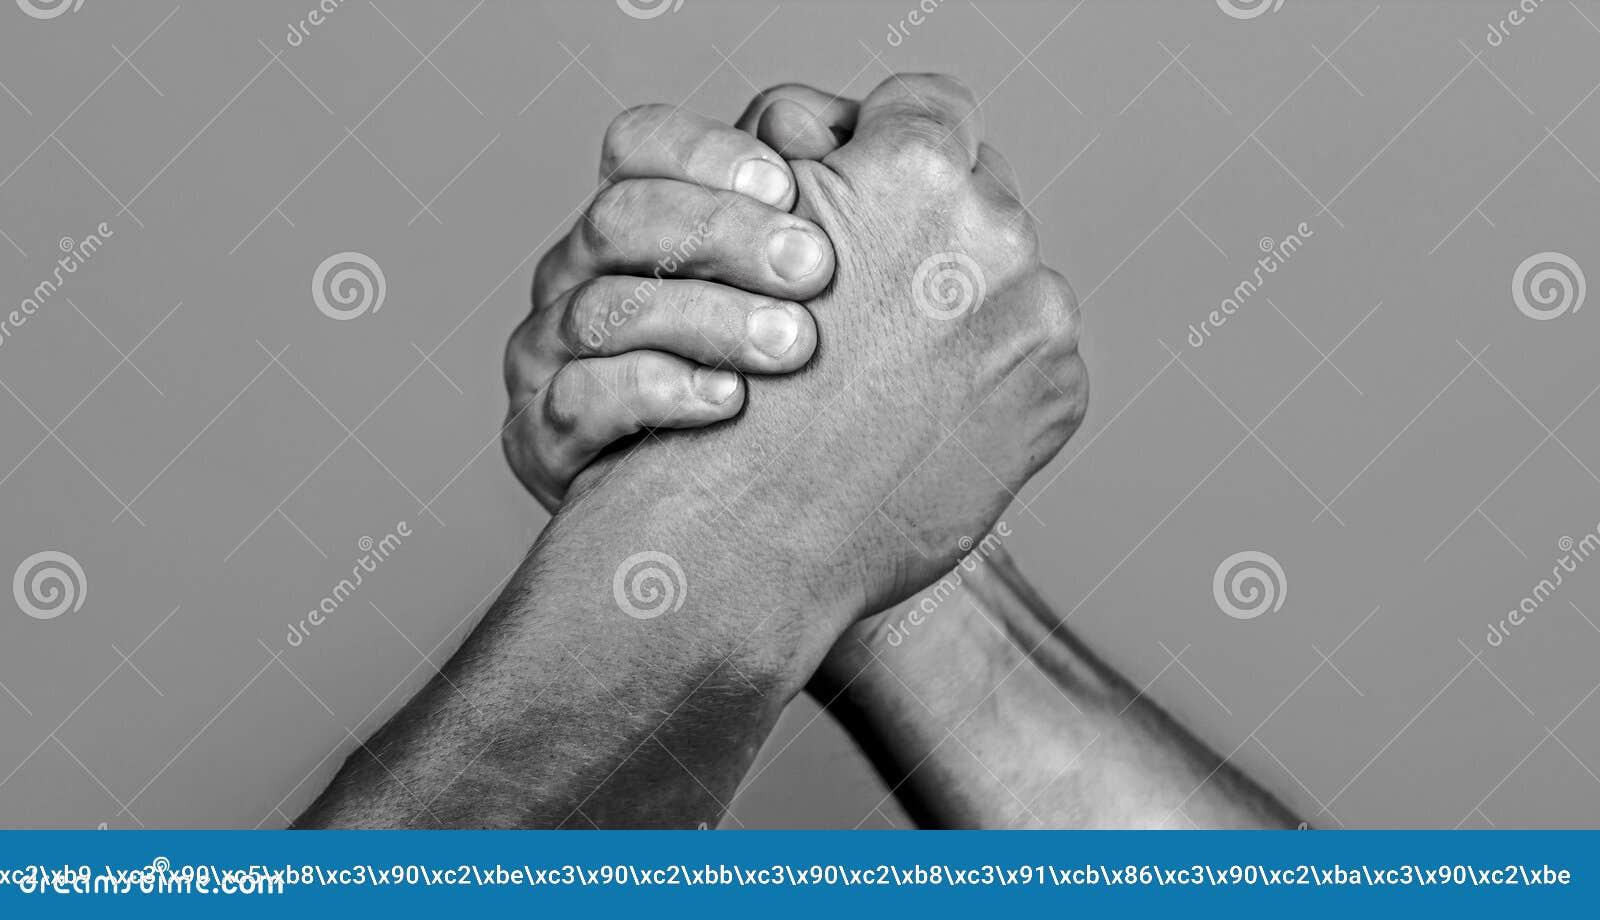 πόλεμος ατόμων χεριών πυγμών εγκιβωτισμού ενάντια στη ληφθείσα άτομα άσπρη πάλη δύο ανασκόπησης βραχιόνων Πάλη όπλων Closep επάνω